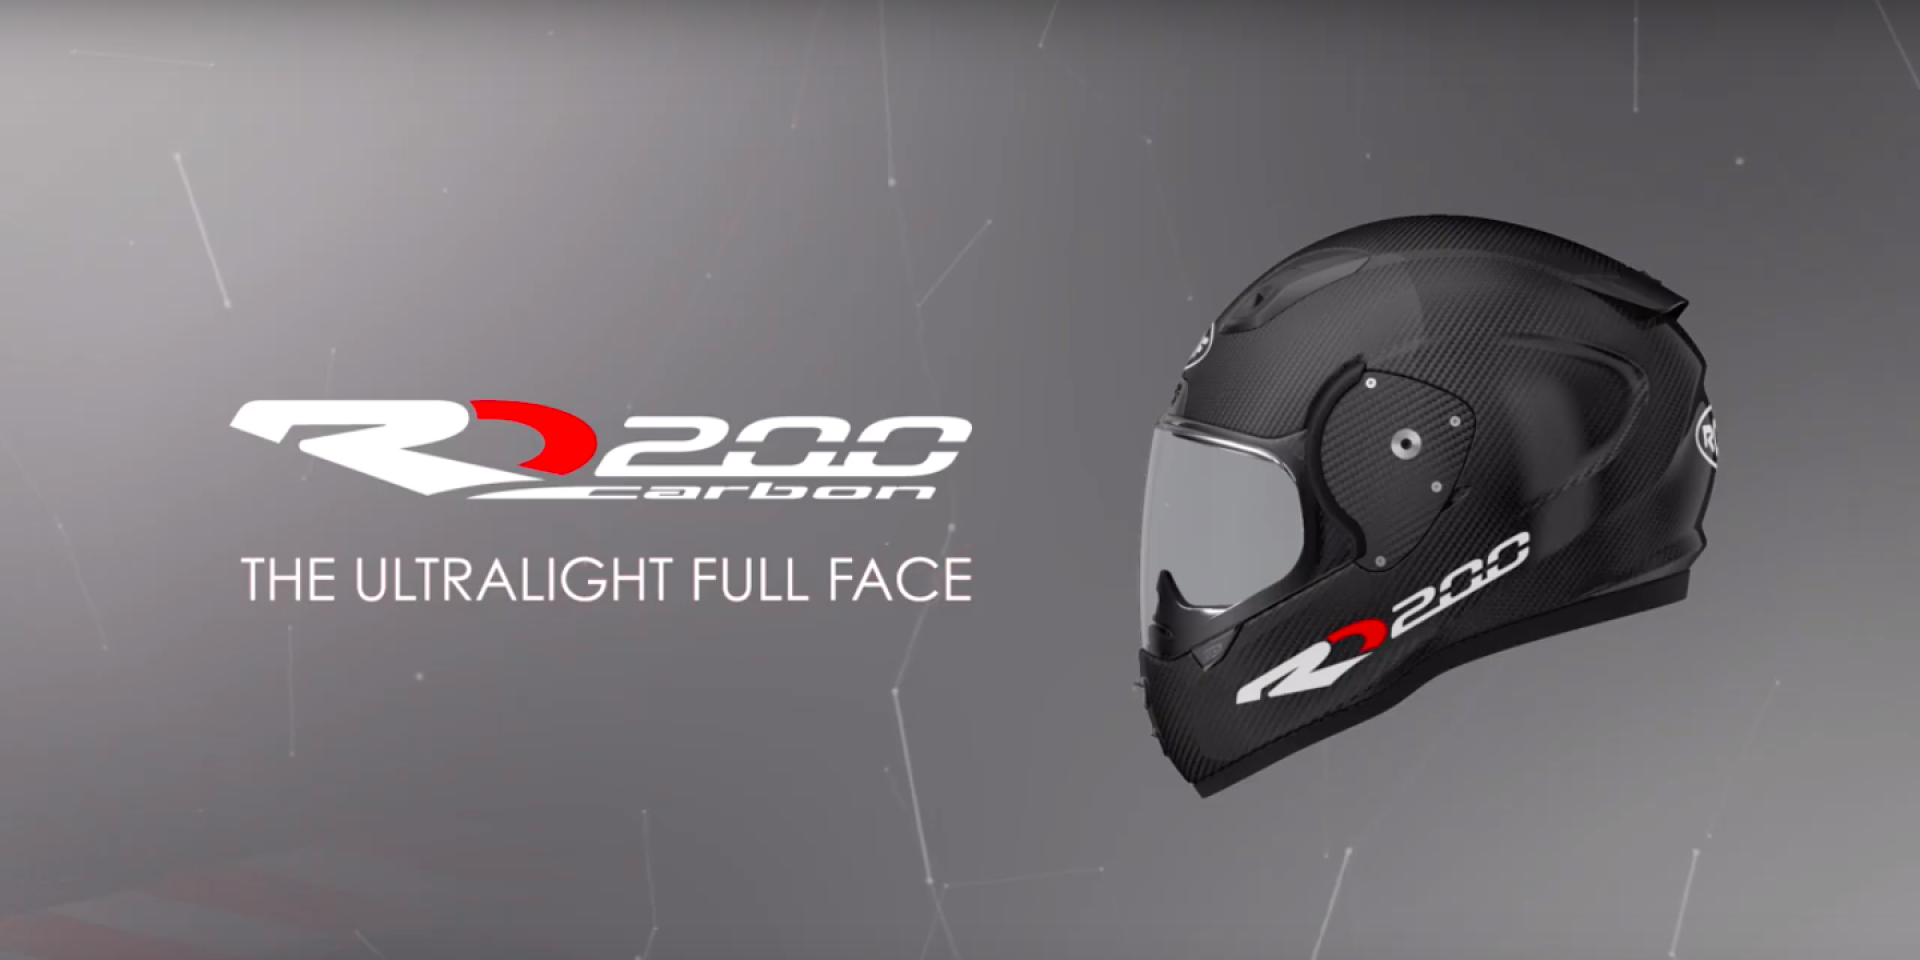 世界最輕全罩安全帽 Roof RO200僅重1090公克